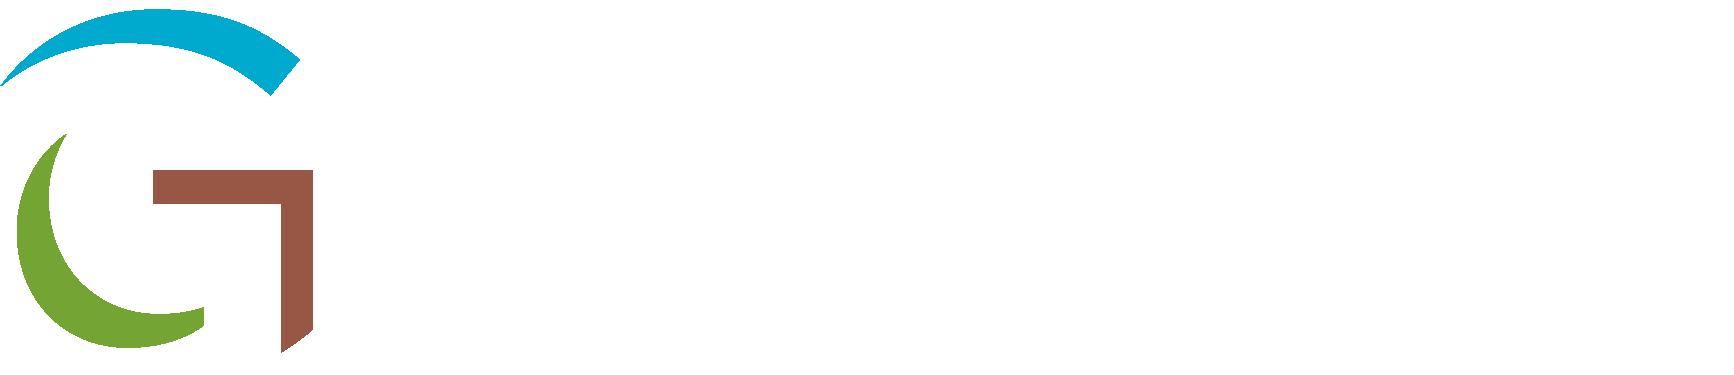 Grunin Center Case Studies